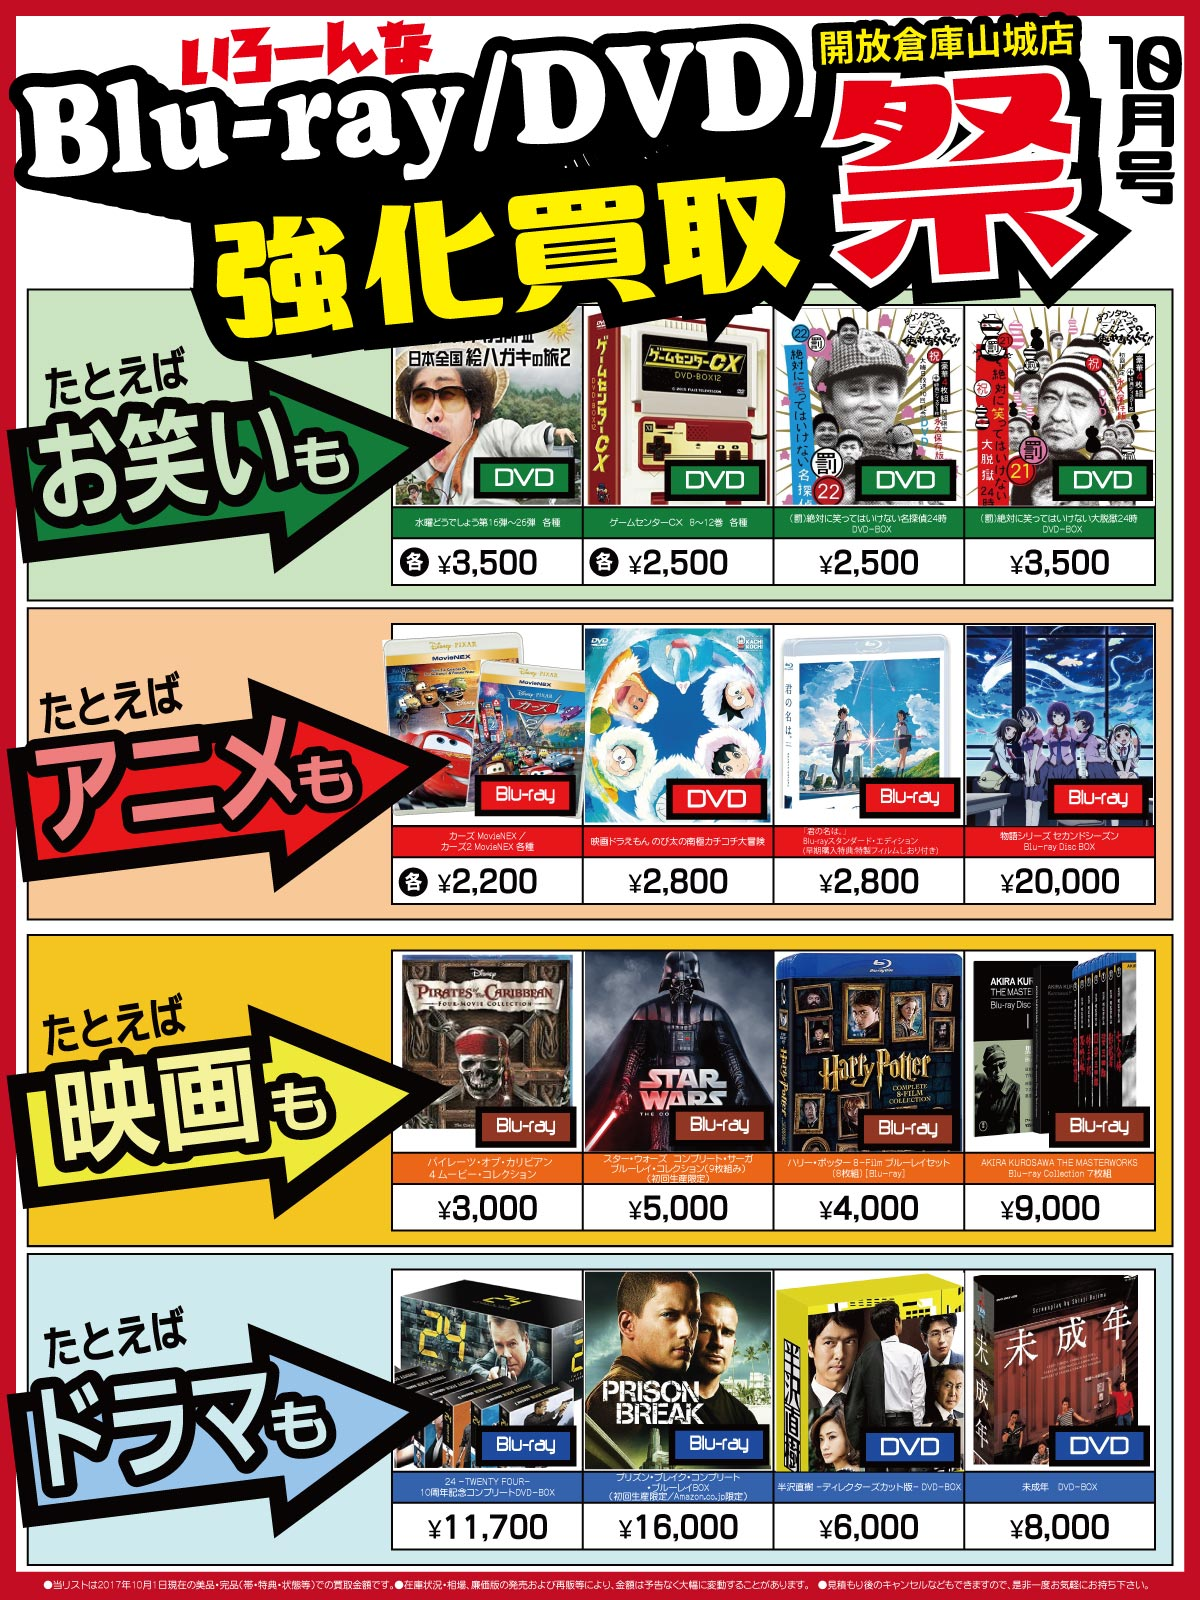 「開放倉庫山城店」いろーんなBlu-ray/DVD強化買取祭10月号!たとえばお笑いに、アニメに、映画に、ドラマも!!